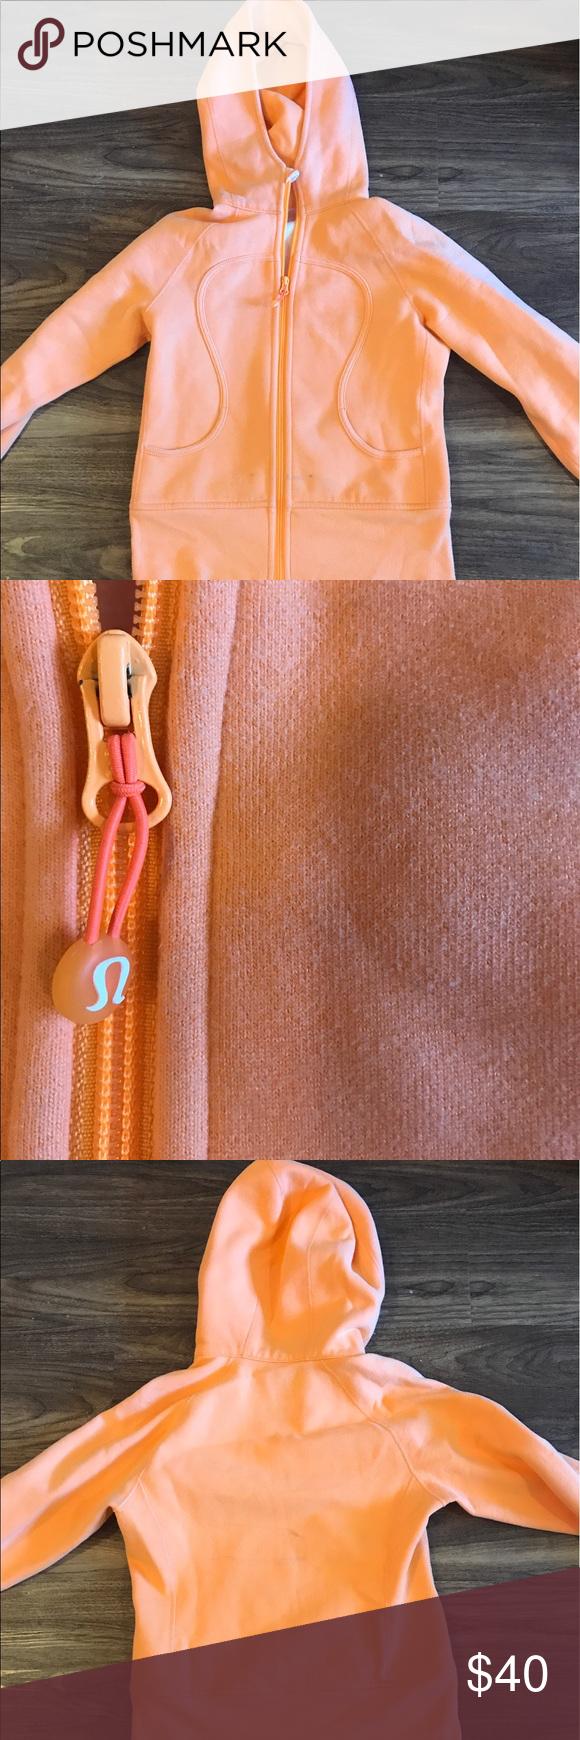 Lululemon Orange Hoodie Gently used orange Lululemon hoodie! Slight staining on the bottom front as shown in picture. lululemon athletica Tops Sweatshirts & Hoodies